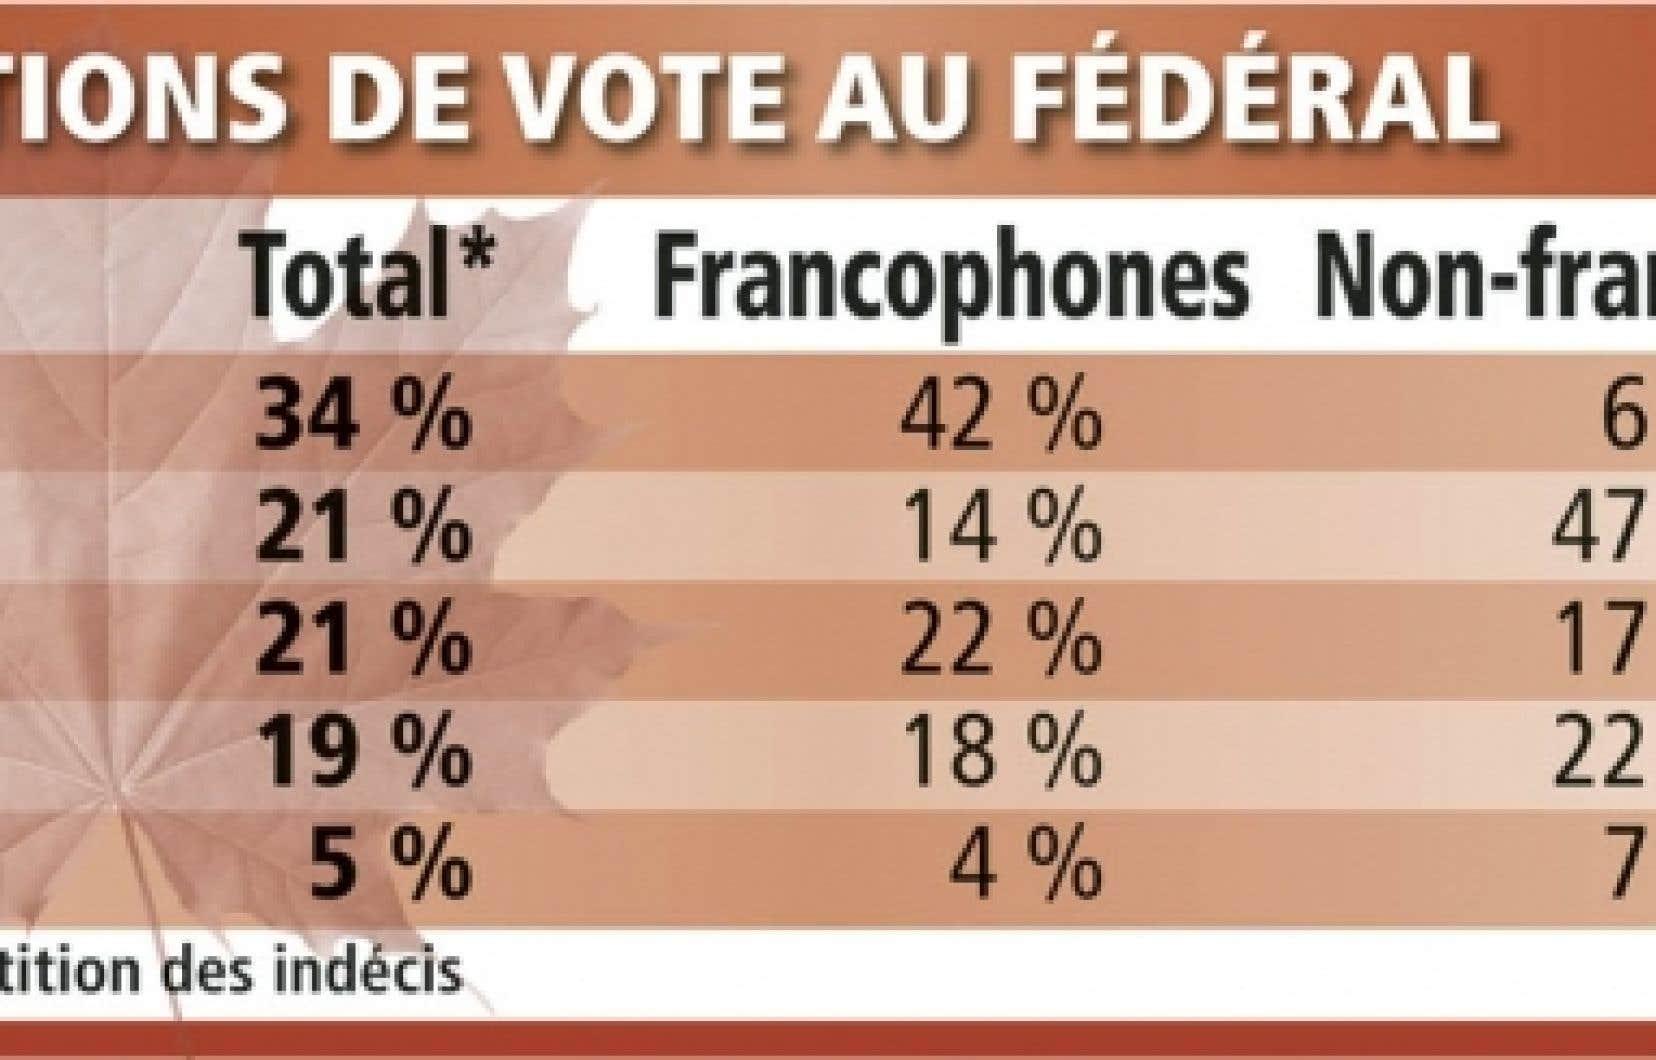 Intentions de vote au f&eacute;d&eacute;ral<br />